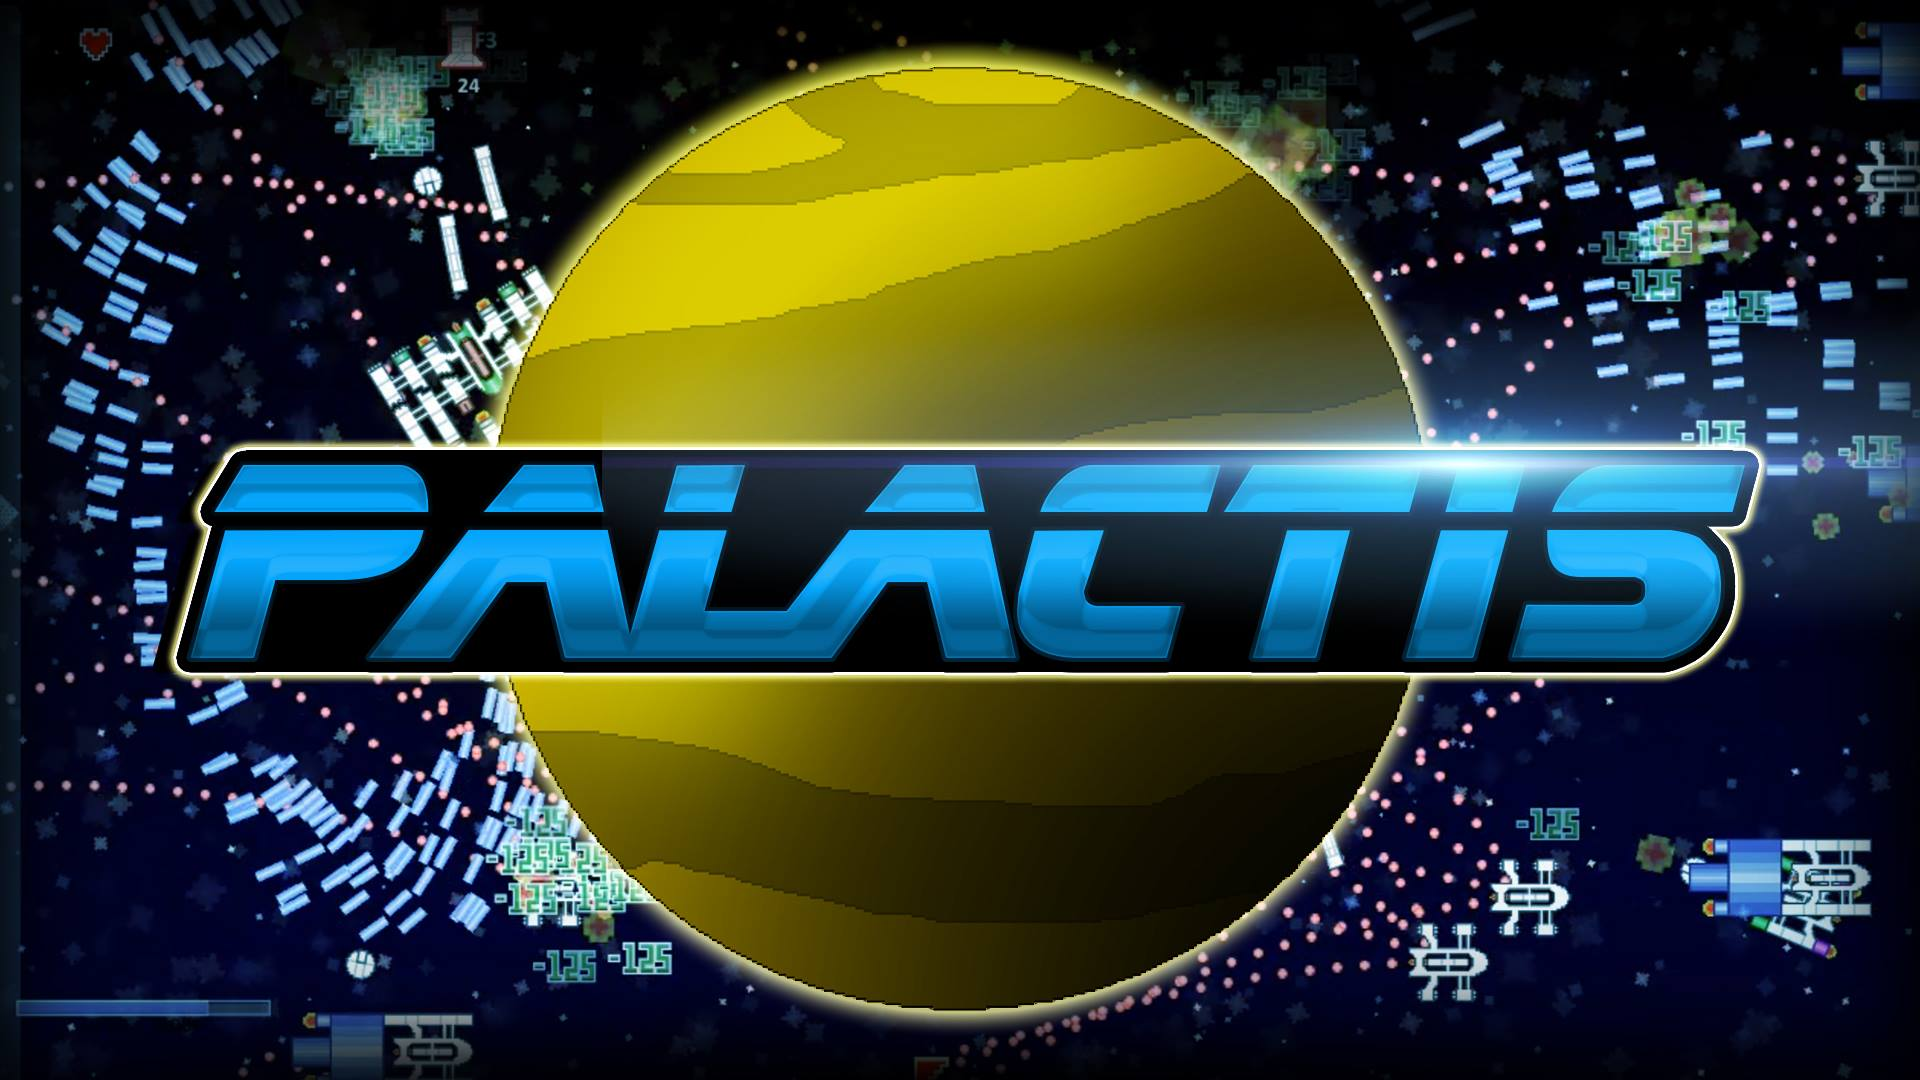 Palactis